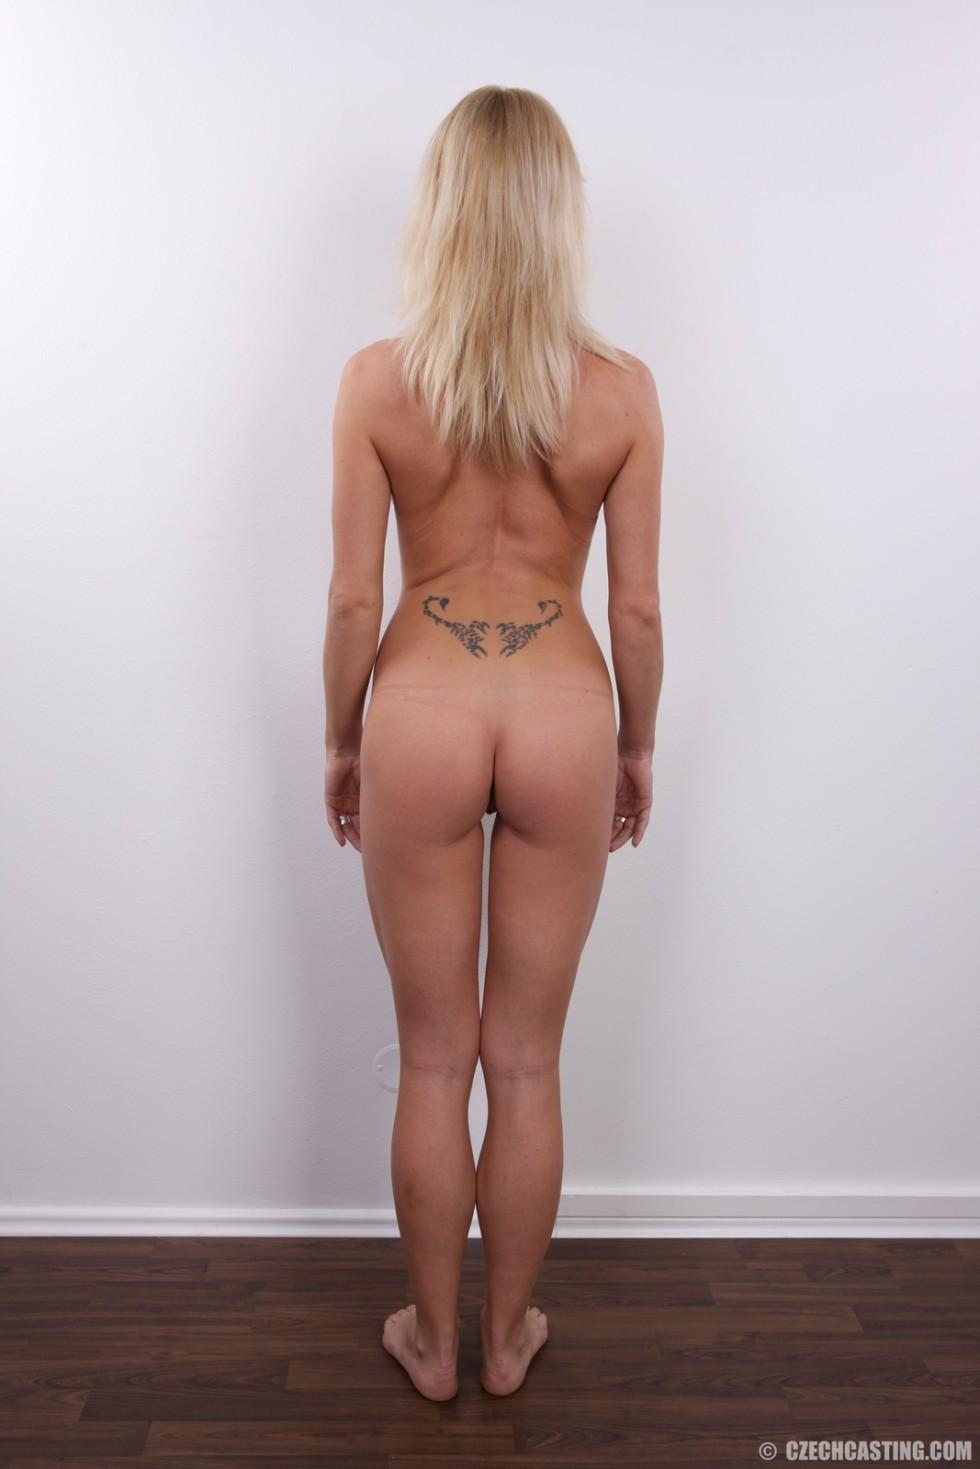 Девушка позирует перед камерой в обнаженном виде у стула